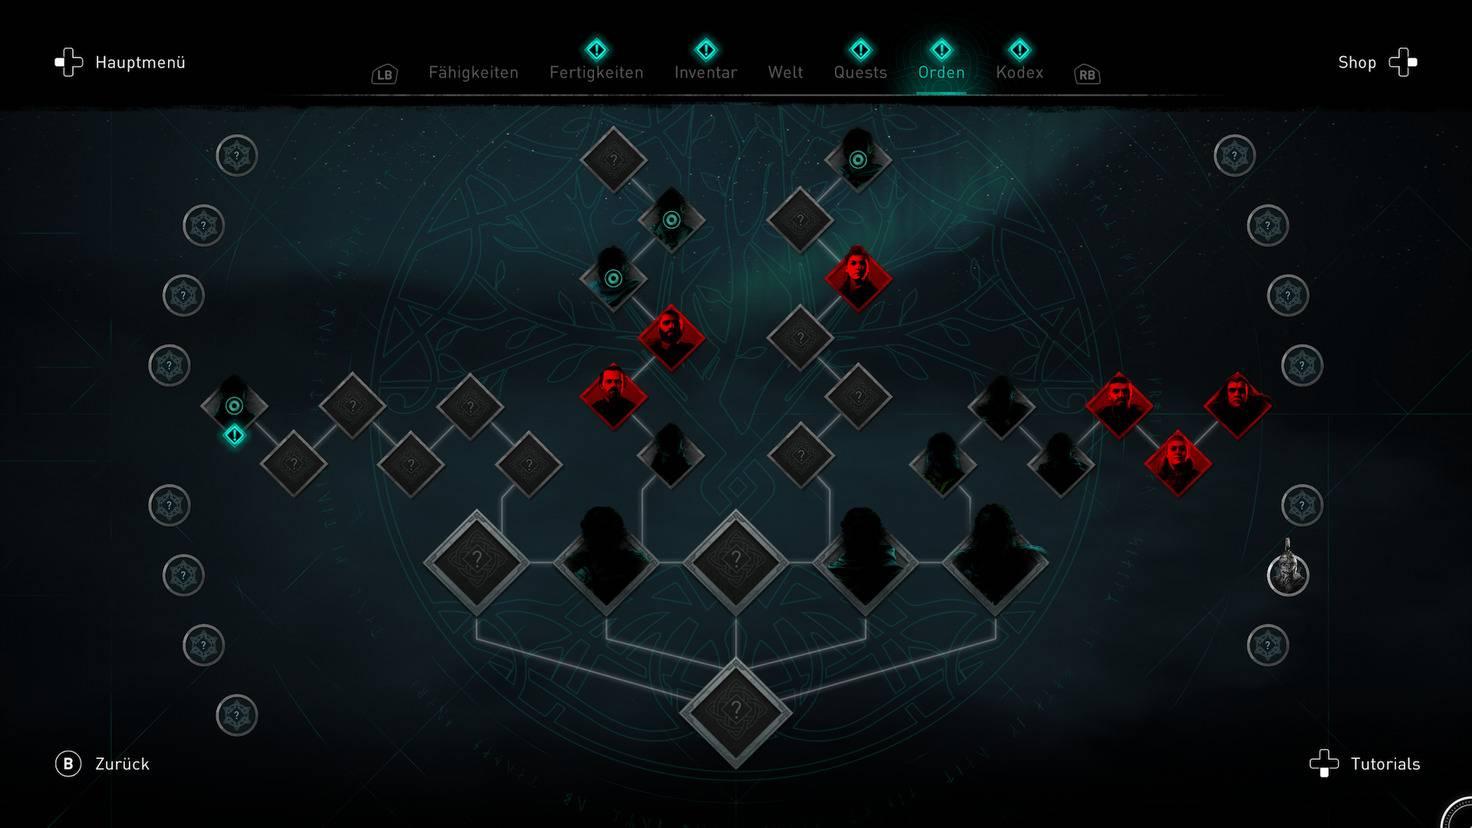 assassins-creed-valhalla-orden-menue